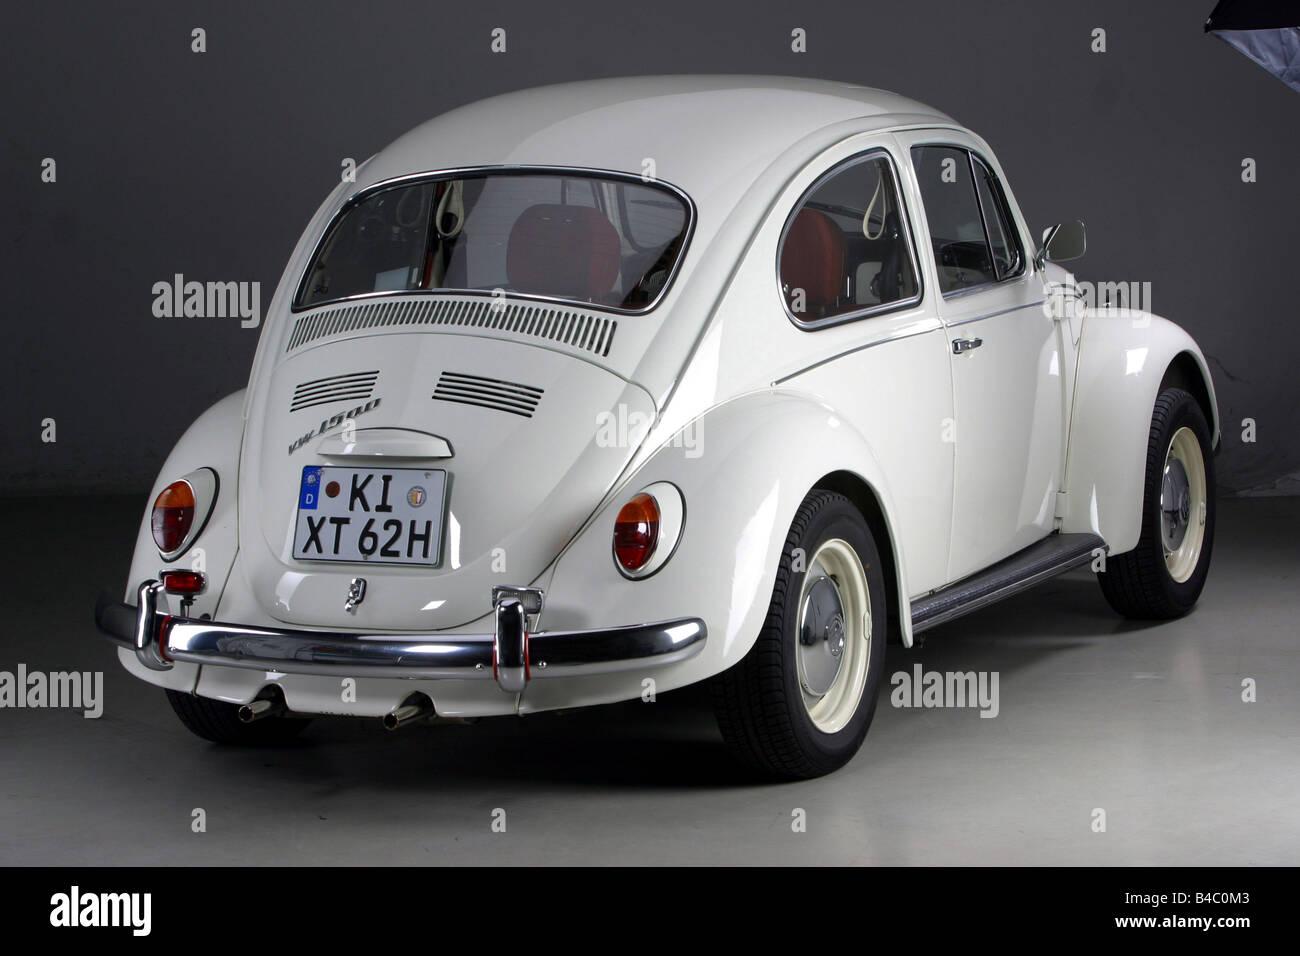 Car Vw Volkswagen Volkswagen Beetle 1300 Model Year 1965 1973 Stock Photo Alamy